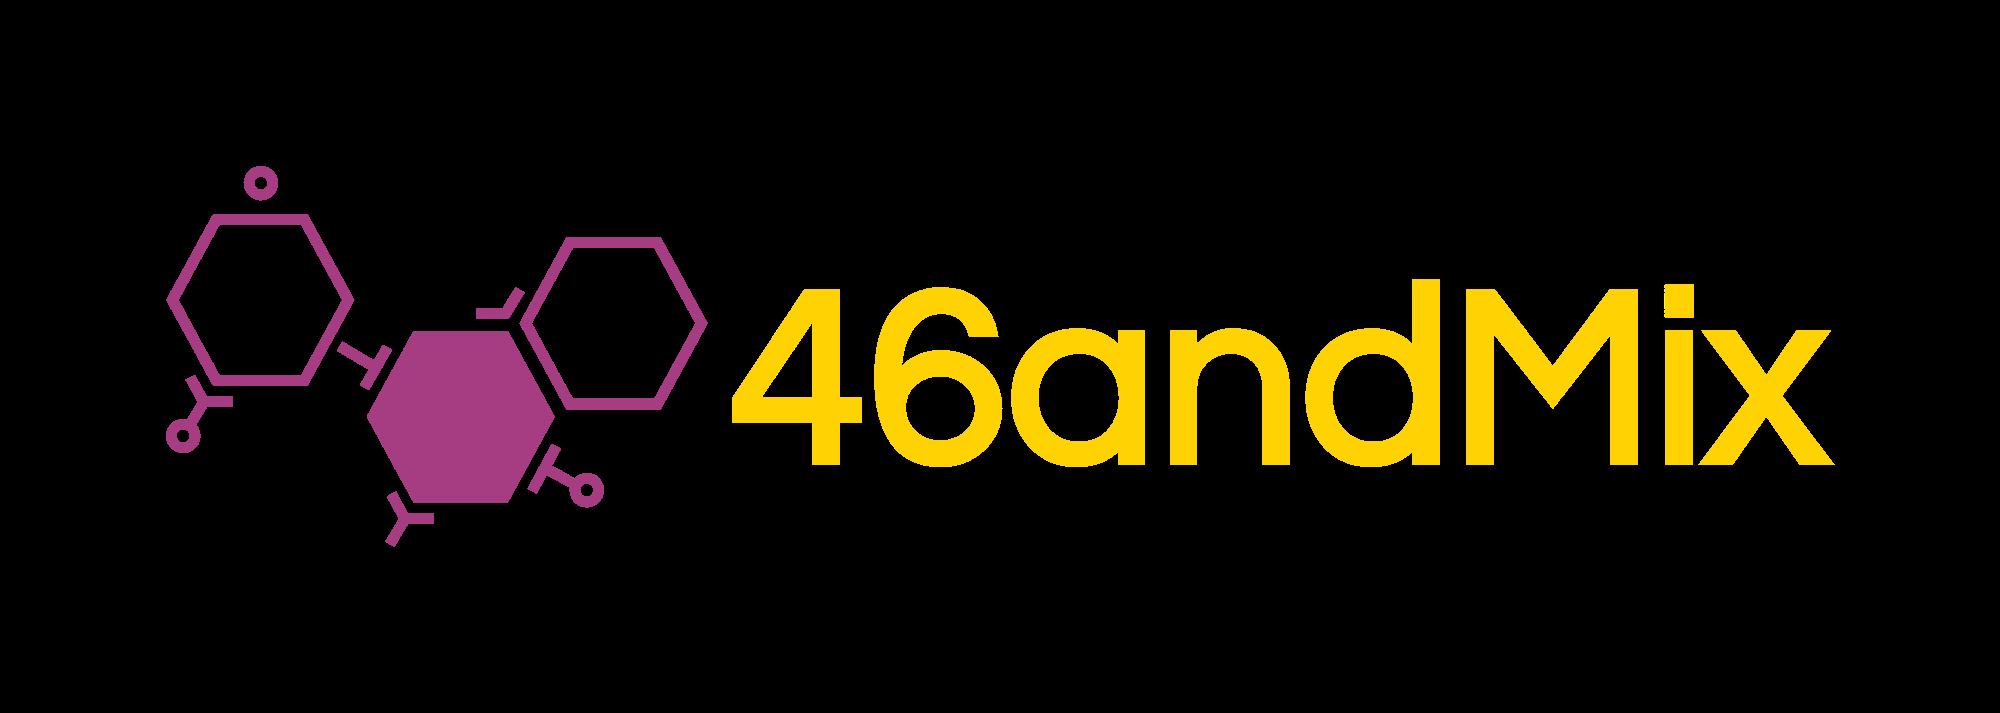 46andMix